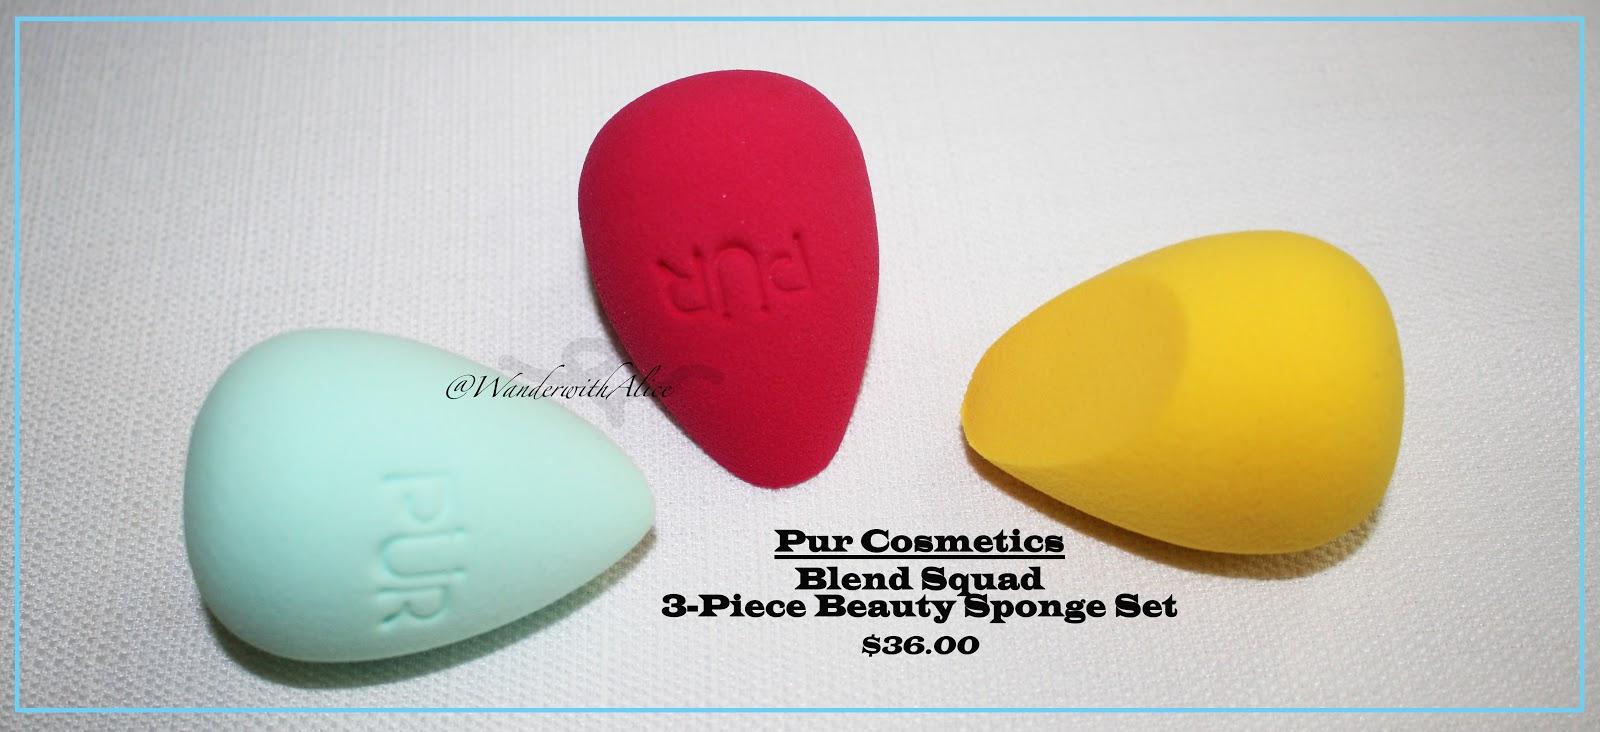 Pur Cosmetics Blend Squad 3 Piece Beauty Sponge Set Egg Drop Blender Contouring